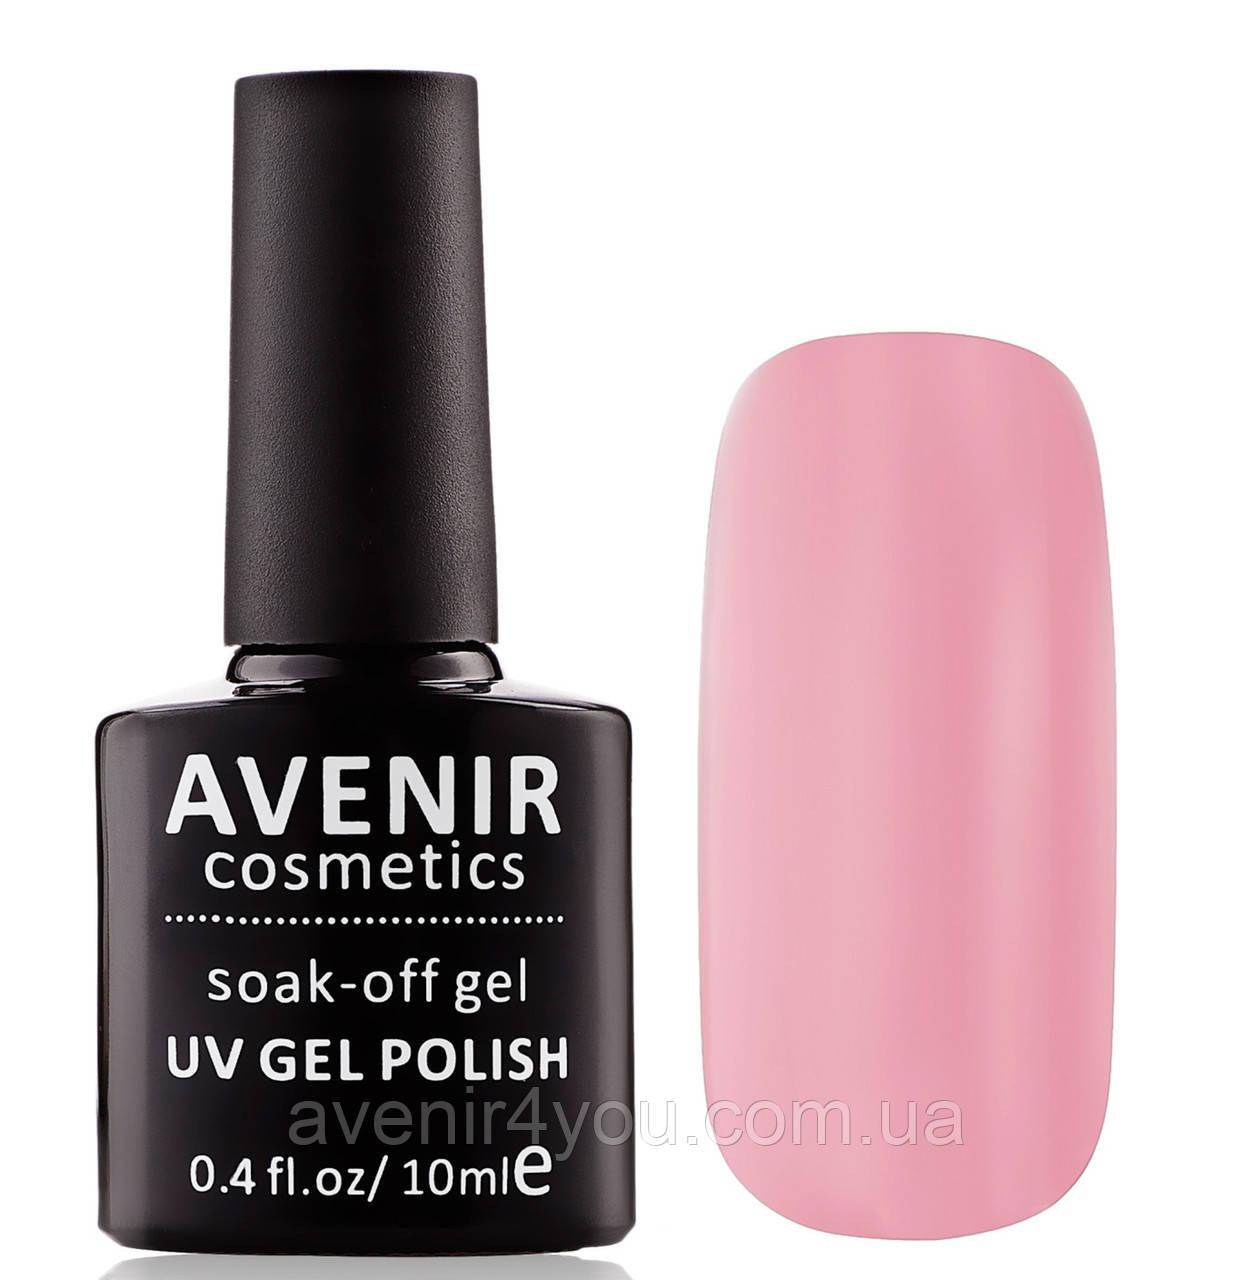 Гель-лак AVENIR Cosmetics №3. Пастельно-розовый френч, фото 1